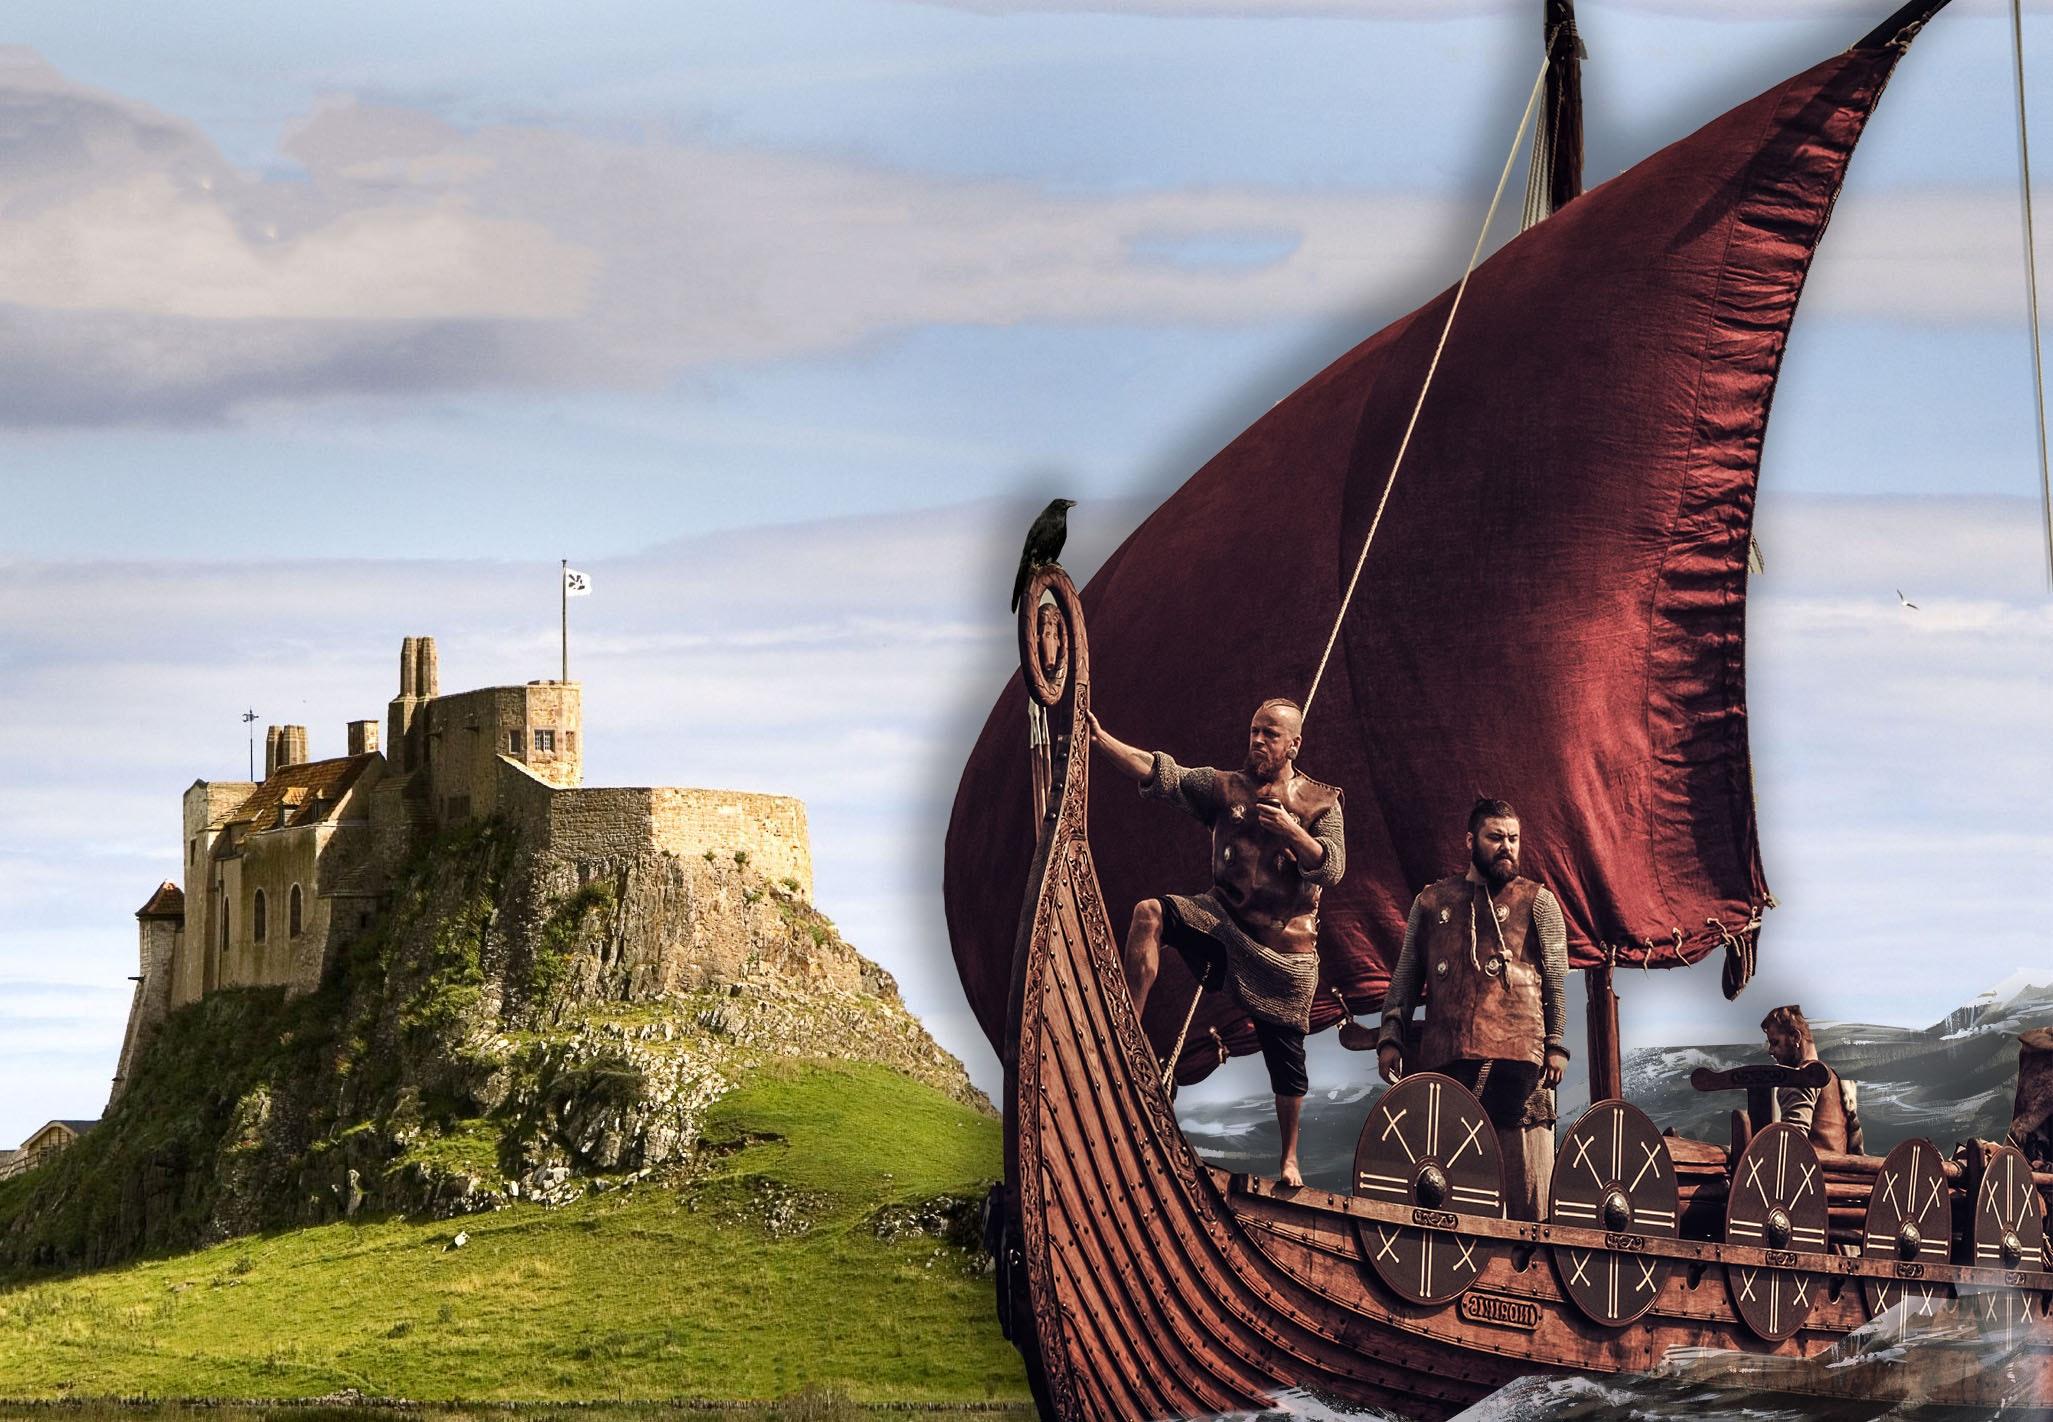 hvornår sluttede vikingetiden